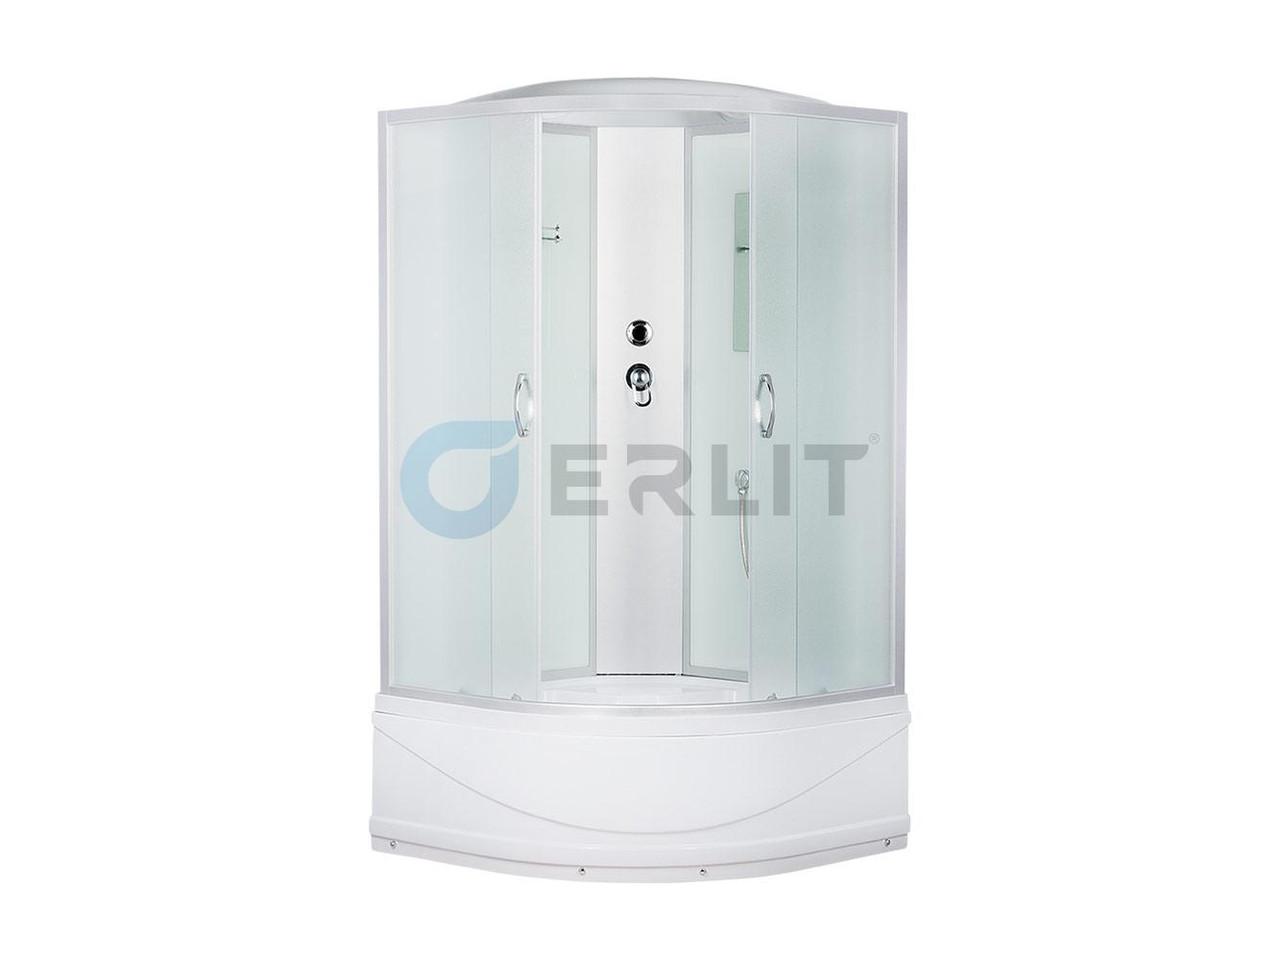 Душевая кабина Erlit  ER3508TP - C3 800*800*2150 высокий поддон, светлое стекло